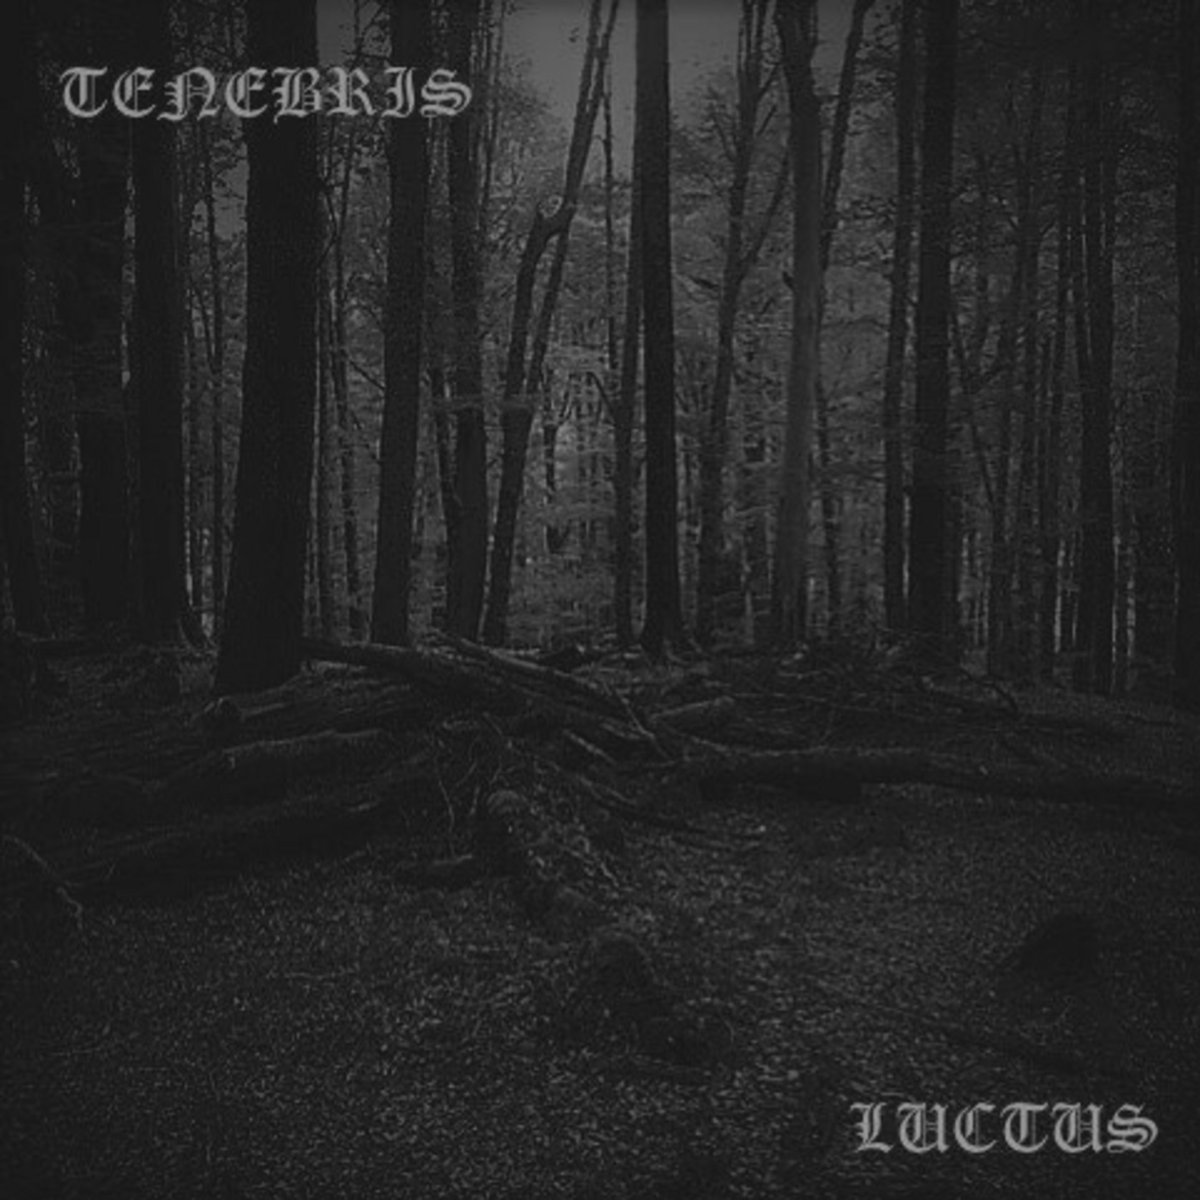 https://tenebris-sonos.bandcamp.com/album/luctus